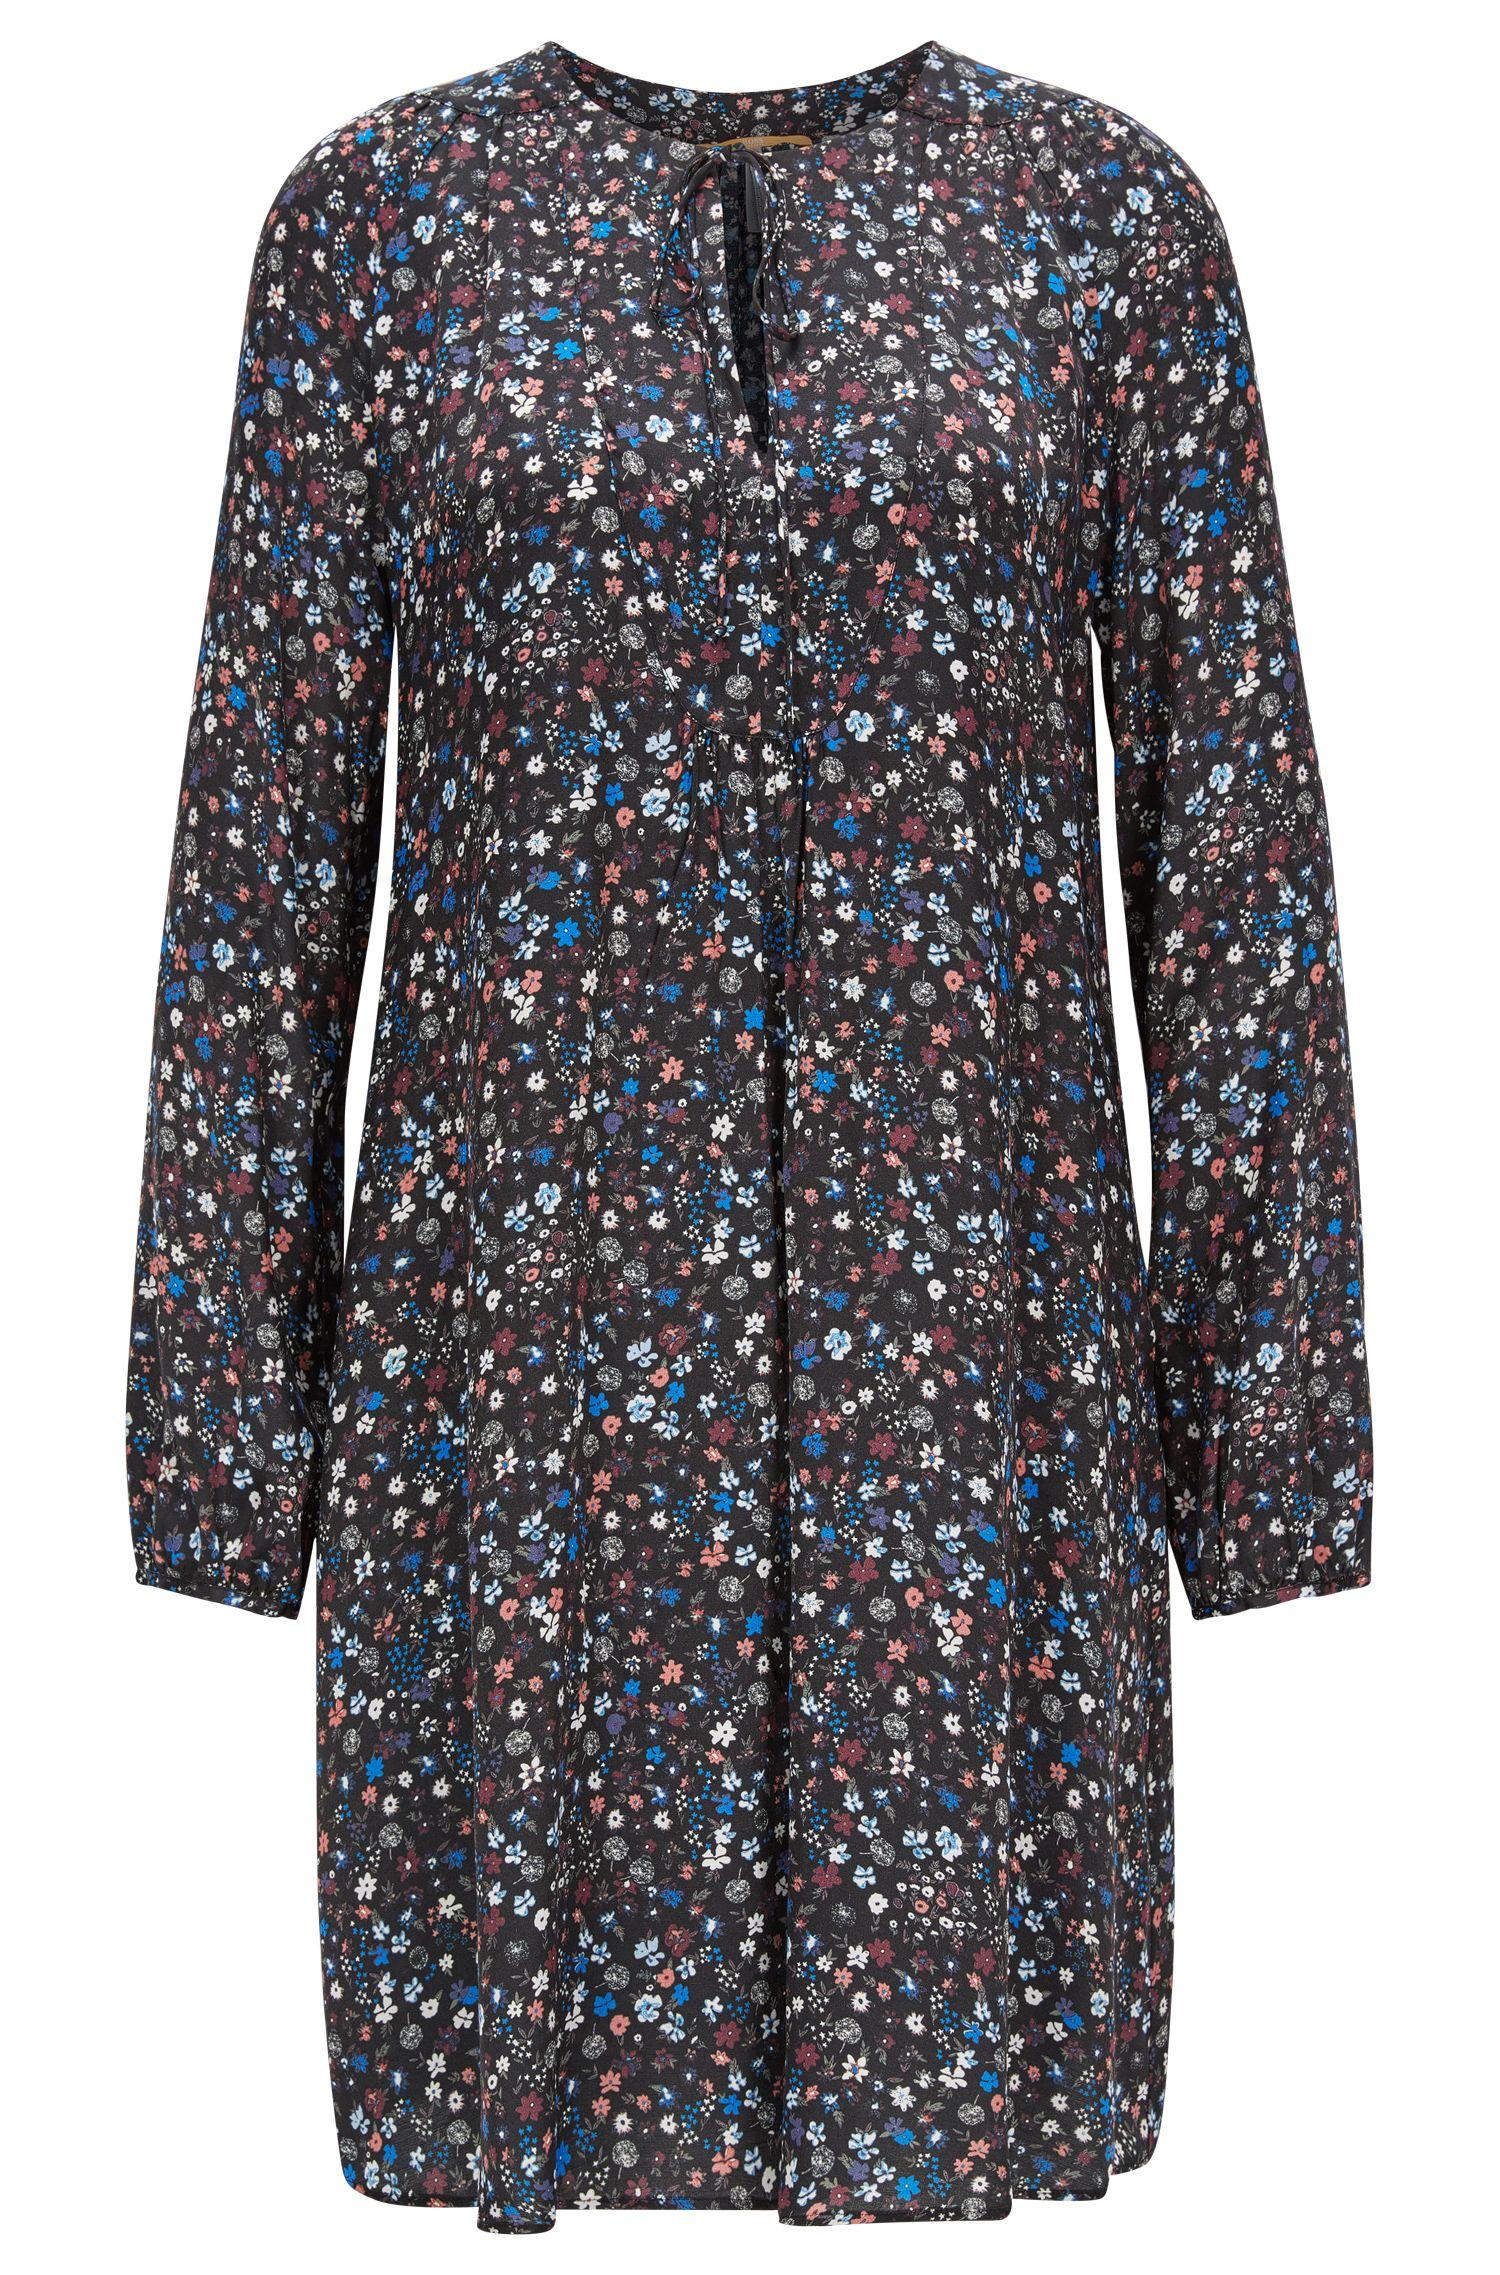 Vestido túnica en tejido estampado